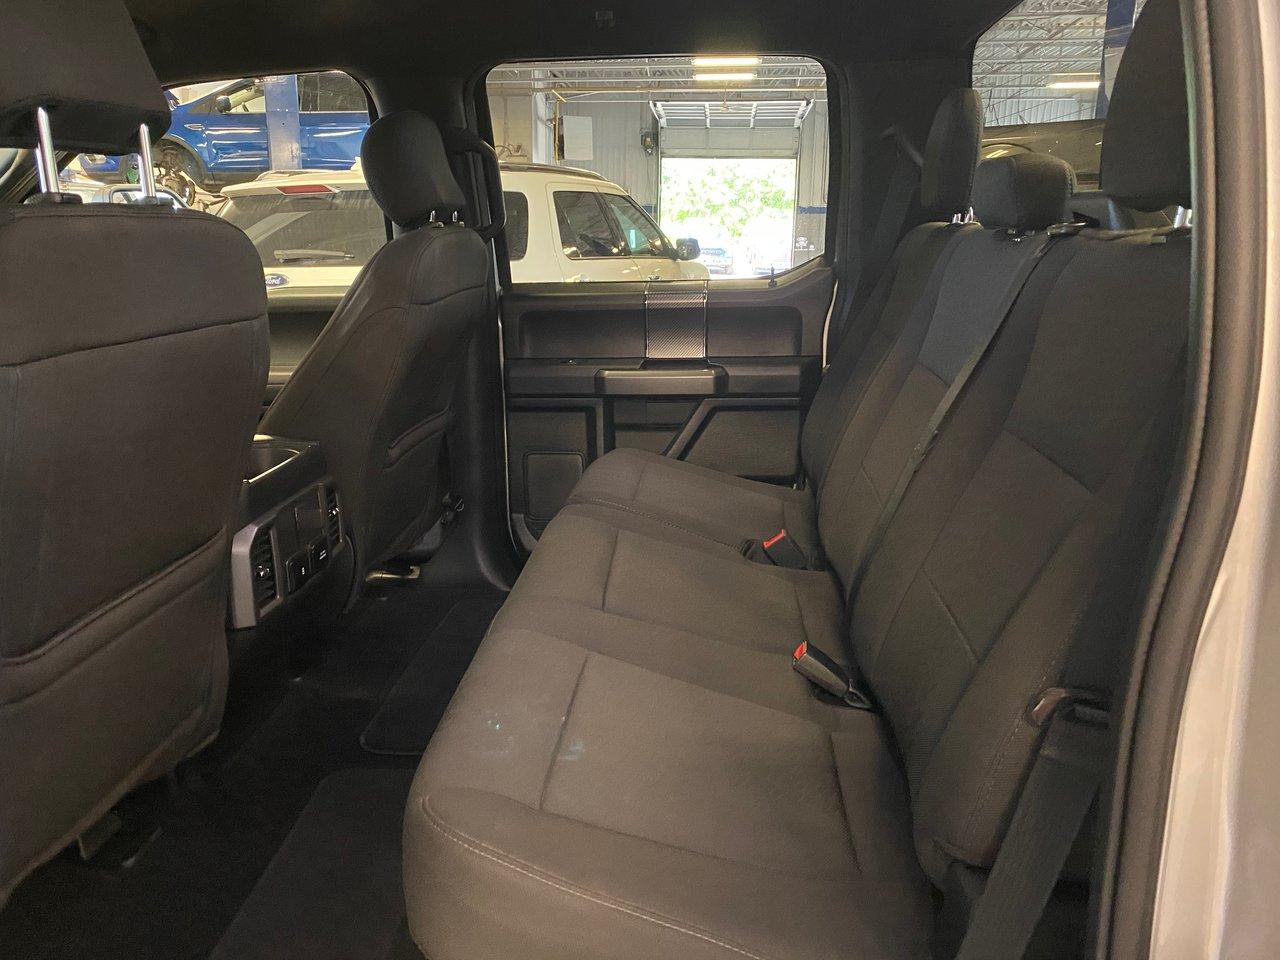 2019 Ford F-150 XLT 301A SUPERCREW 3.5 ECO / JAMAIS ACCIDENTEE